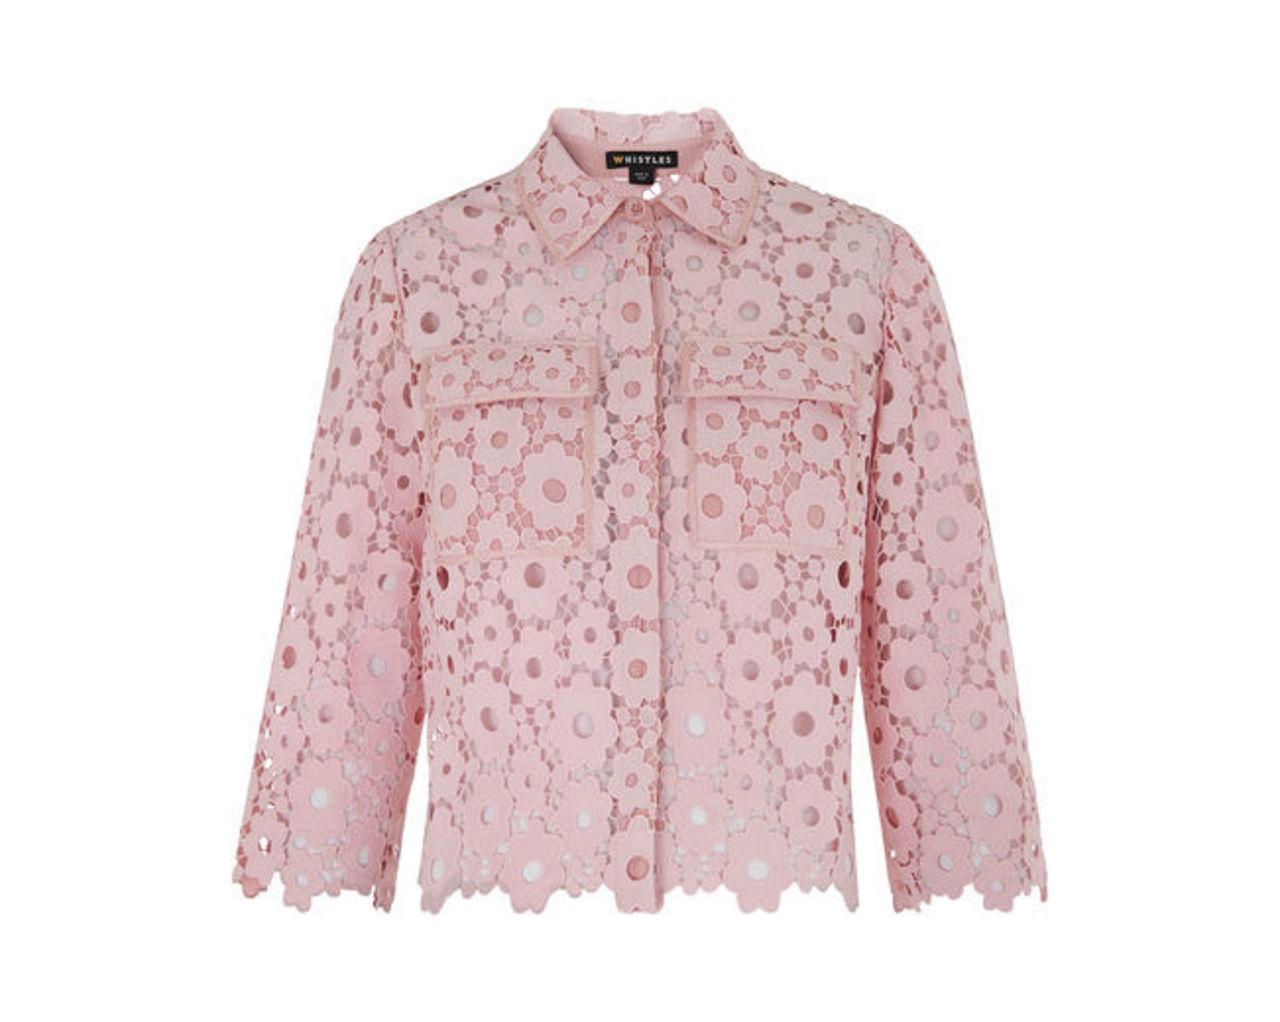 Lia Daisy Lace Shirt